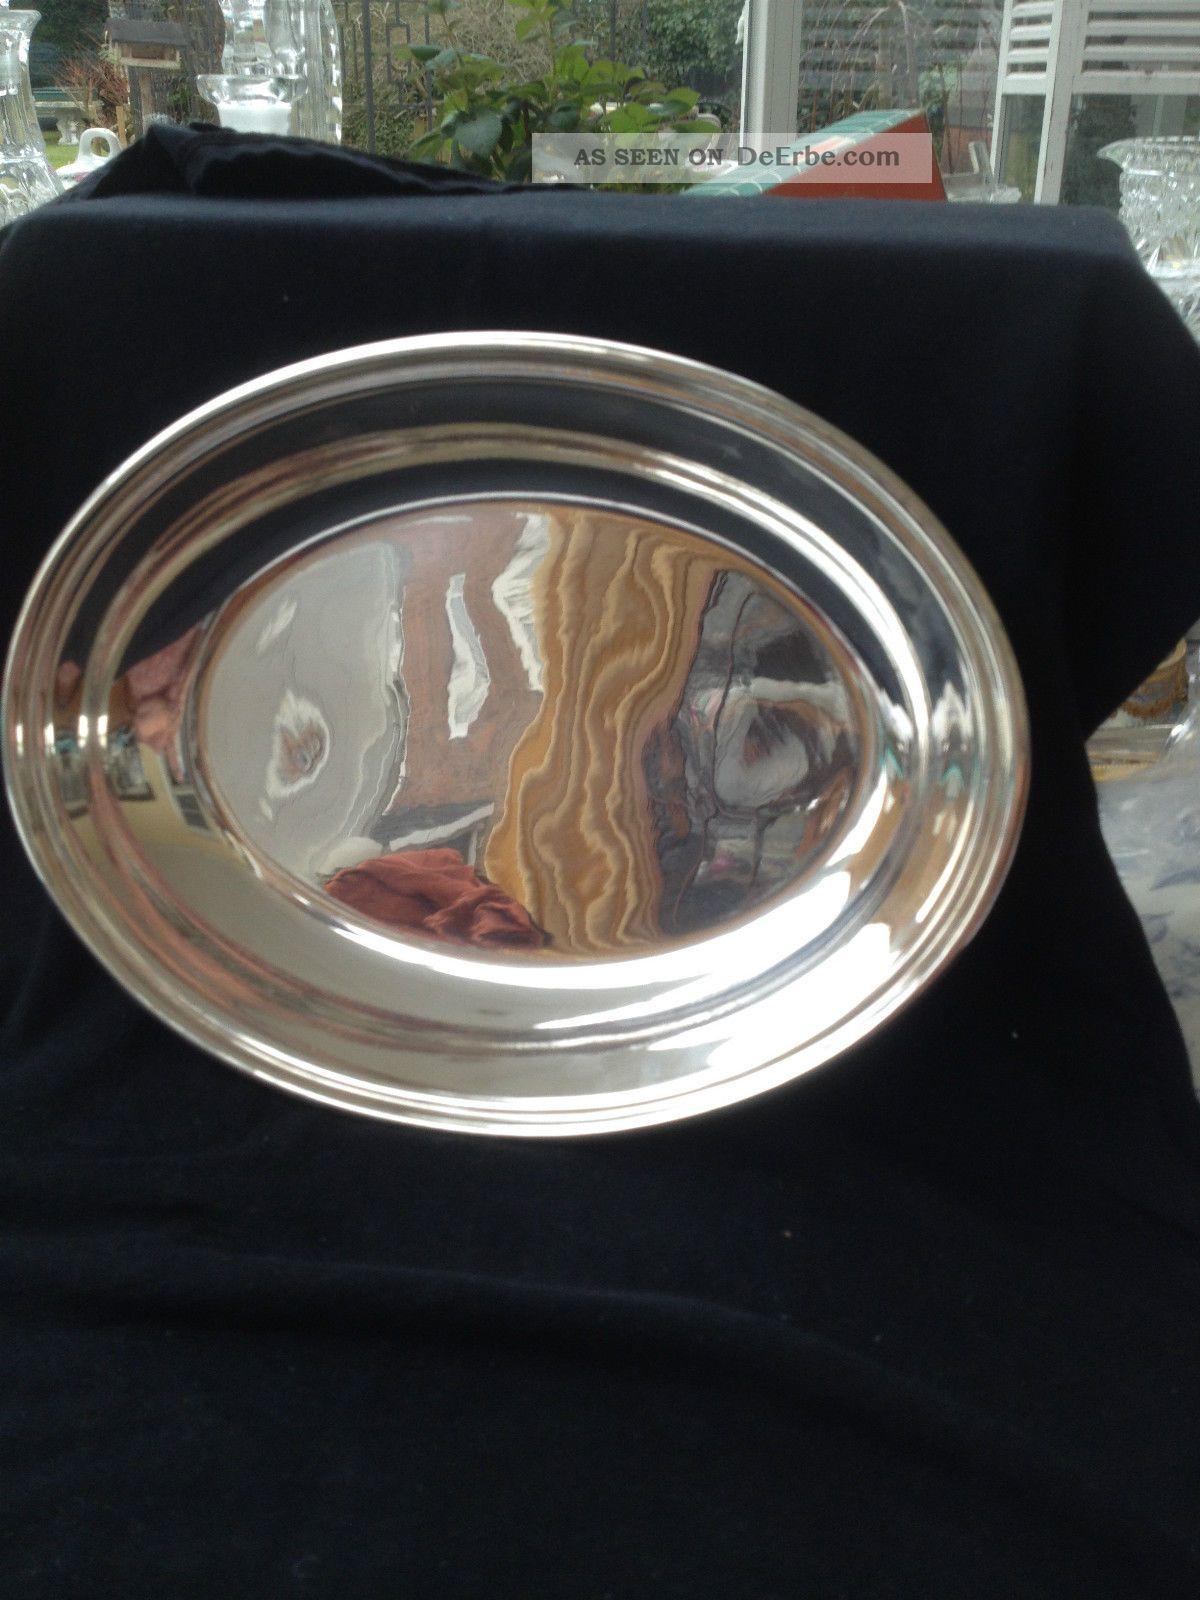 Ovale Servierschale Schale Schüssel Silberschale Silver Plated Marked Hb&hs Objekte vor 1945 Bild